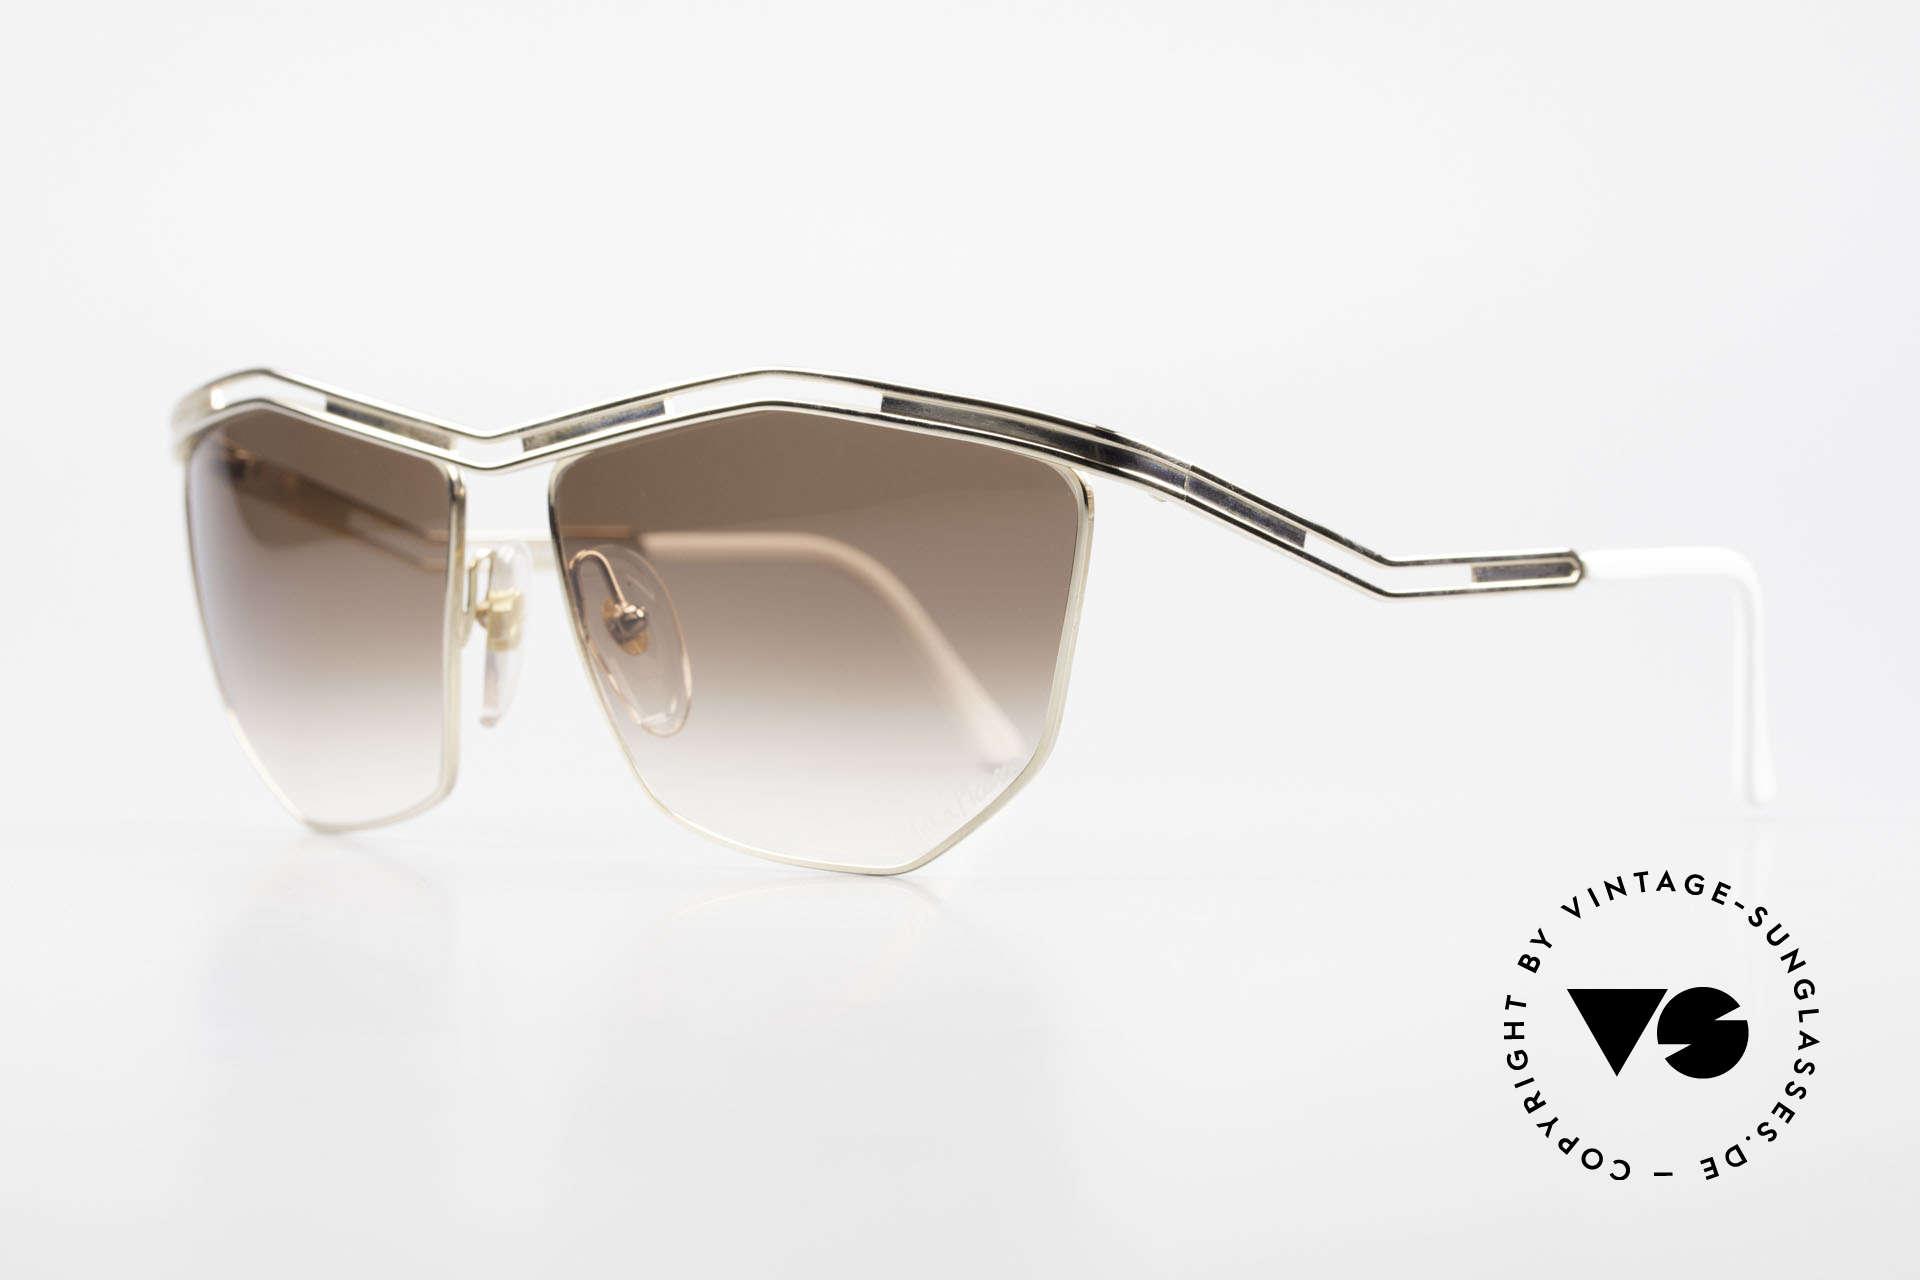 Paloma Picasso 1478 Keine Retrobrille 90er Original, sie entwarf 1990 diese großartige Brillenkollektion, Passend für Damen